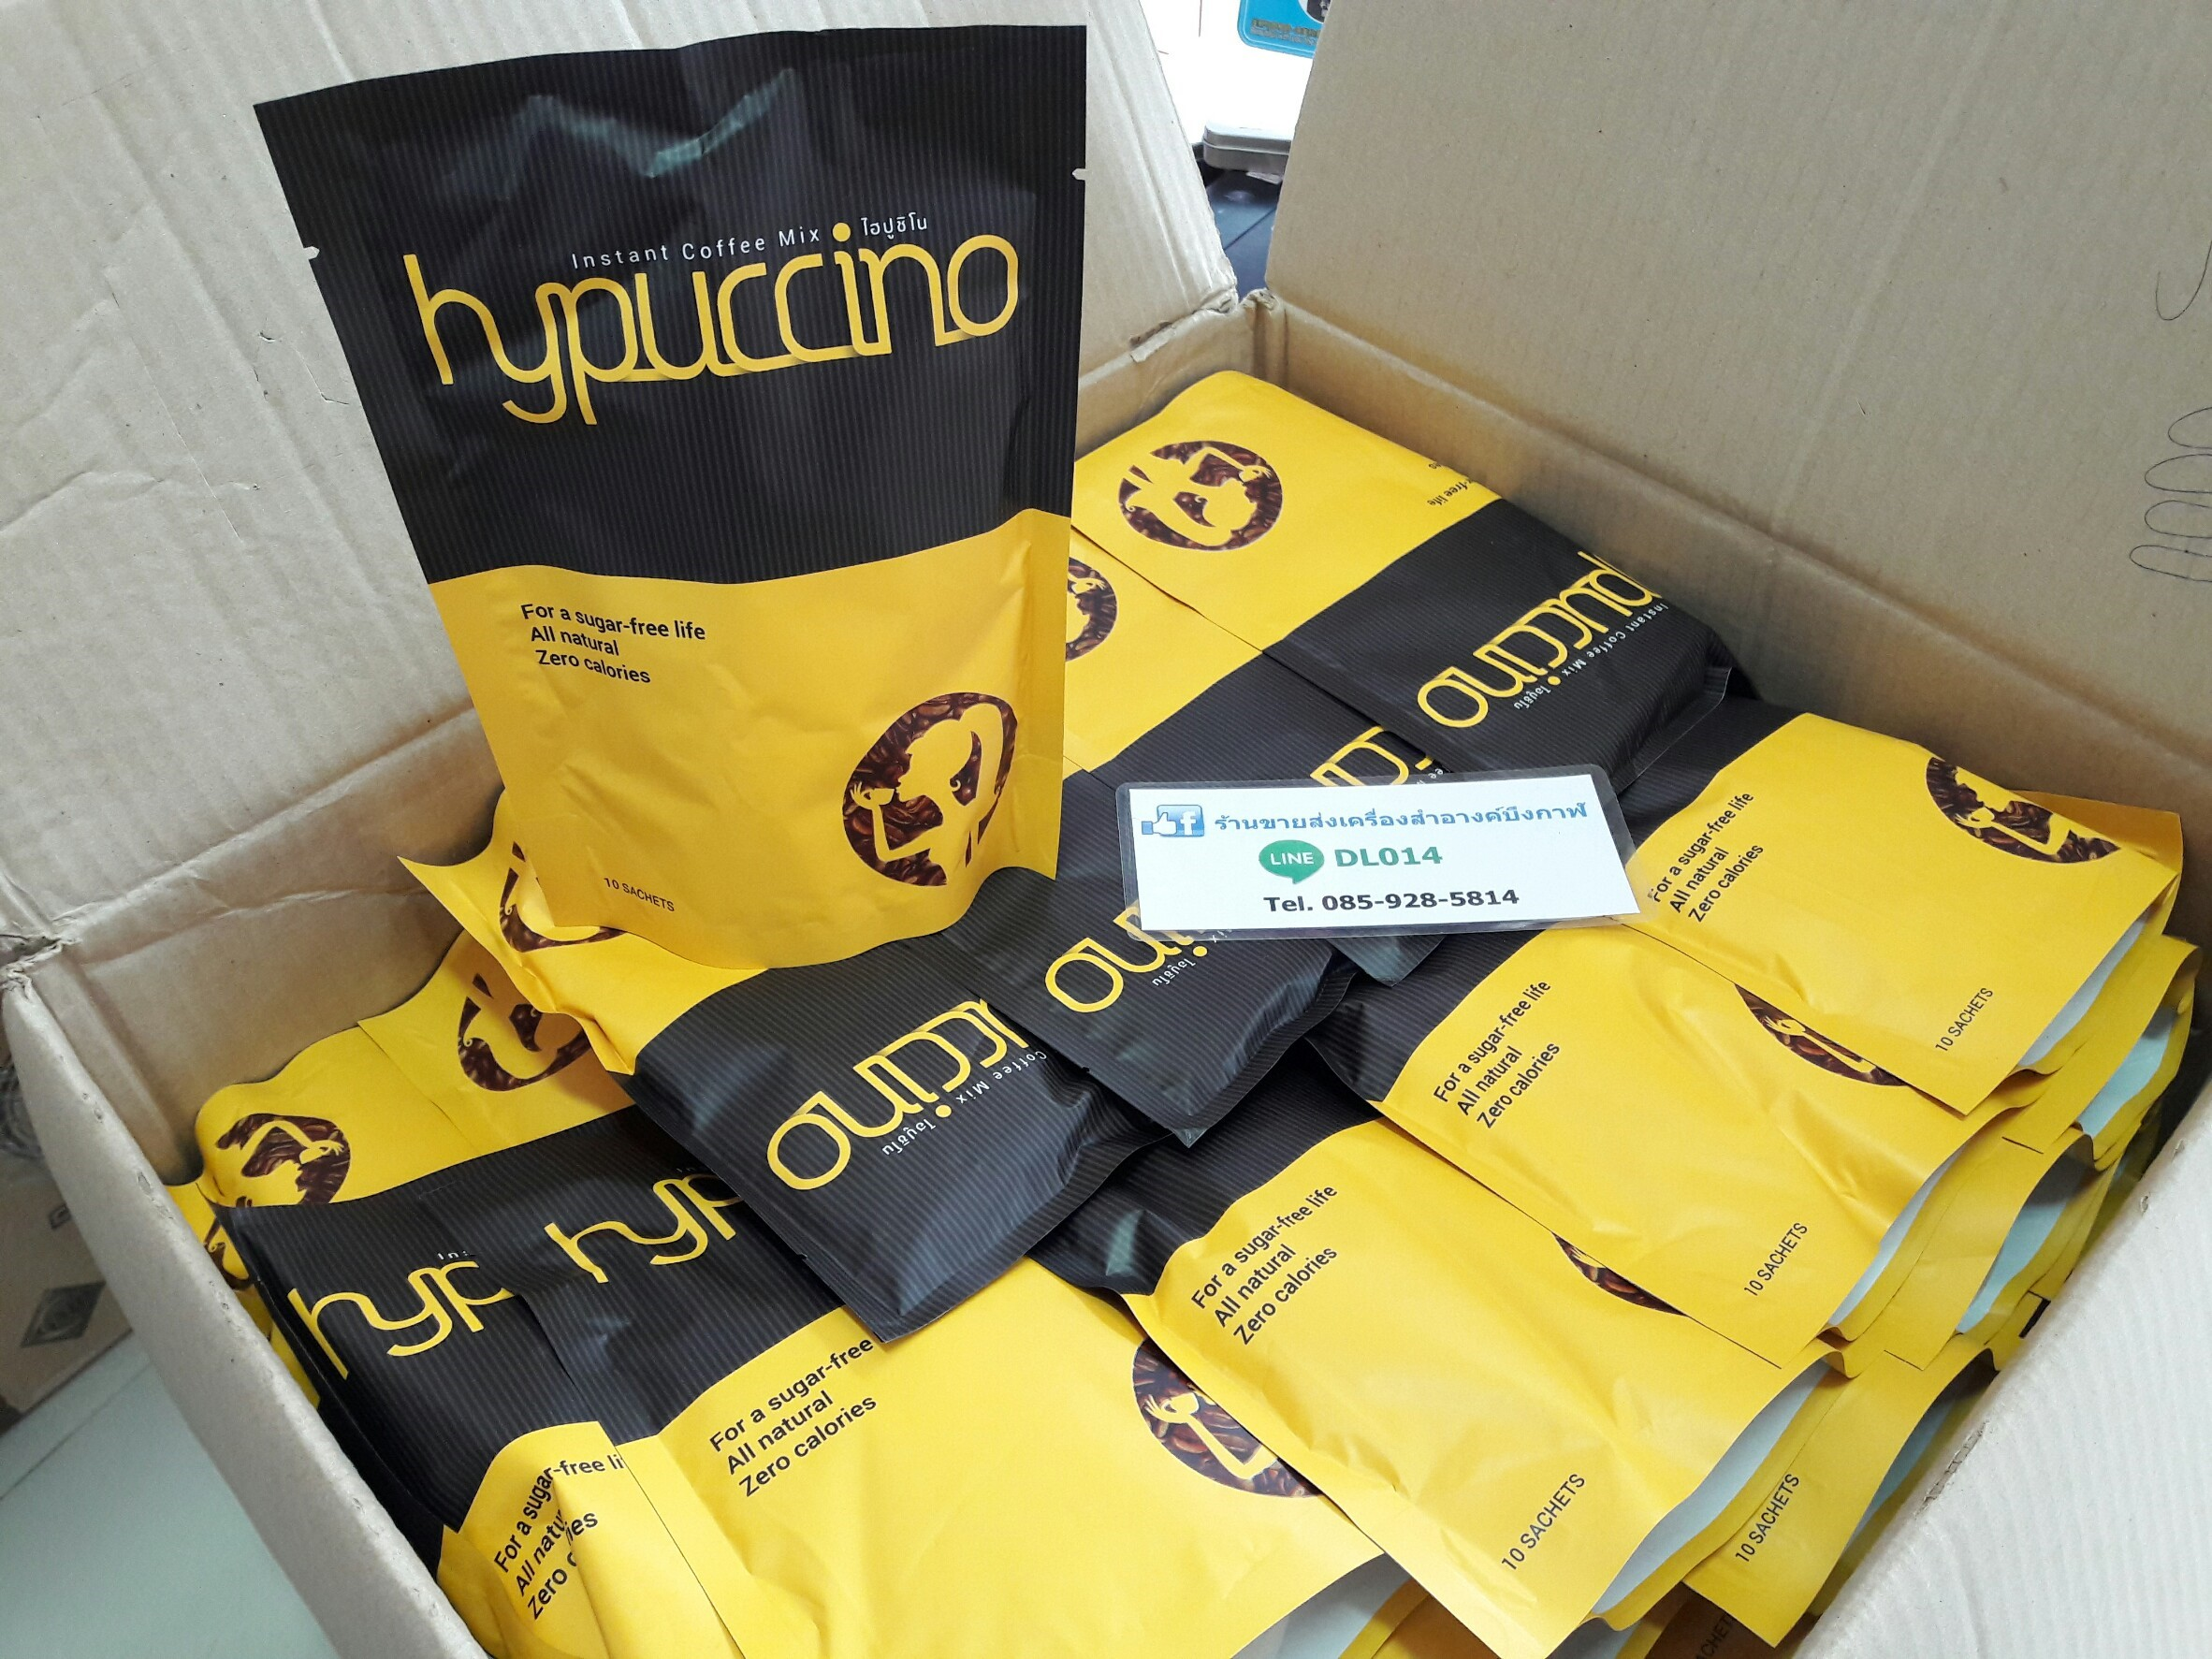 กาแฟไฮปูชิโน Hypuccino Instant Coffee Mix ลดน้ำหนัก ลดหน้าท้อง กระชับสัดส่วน